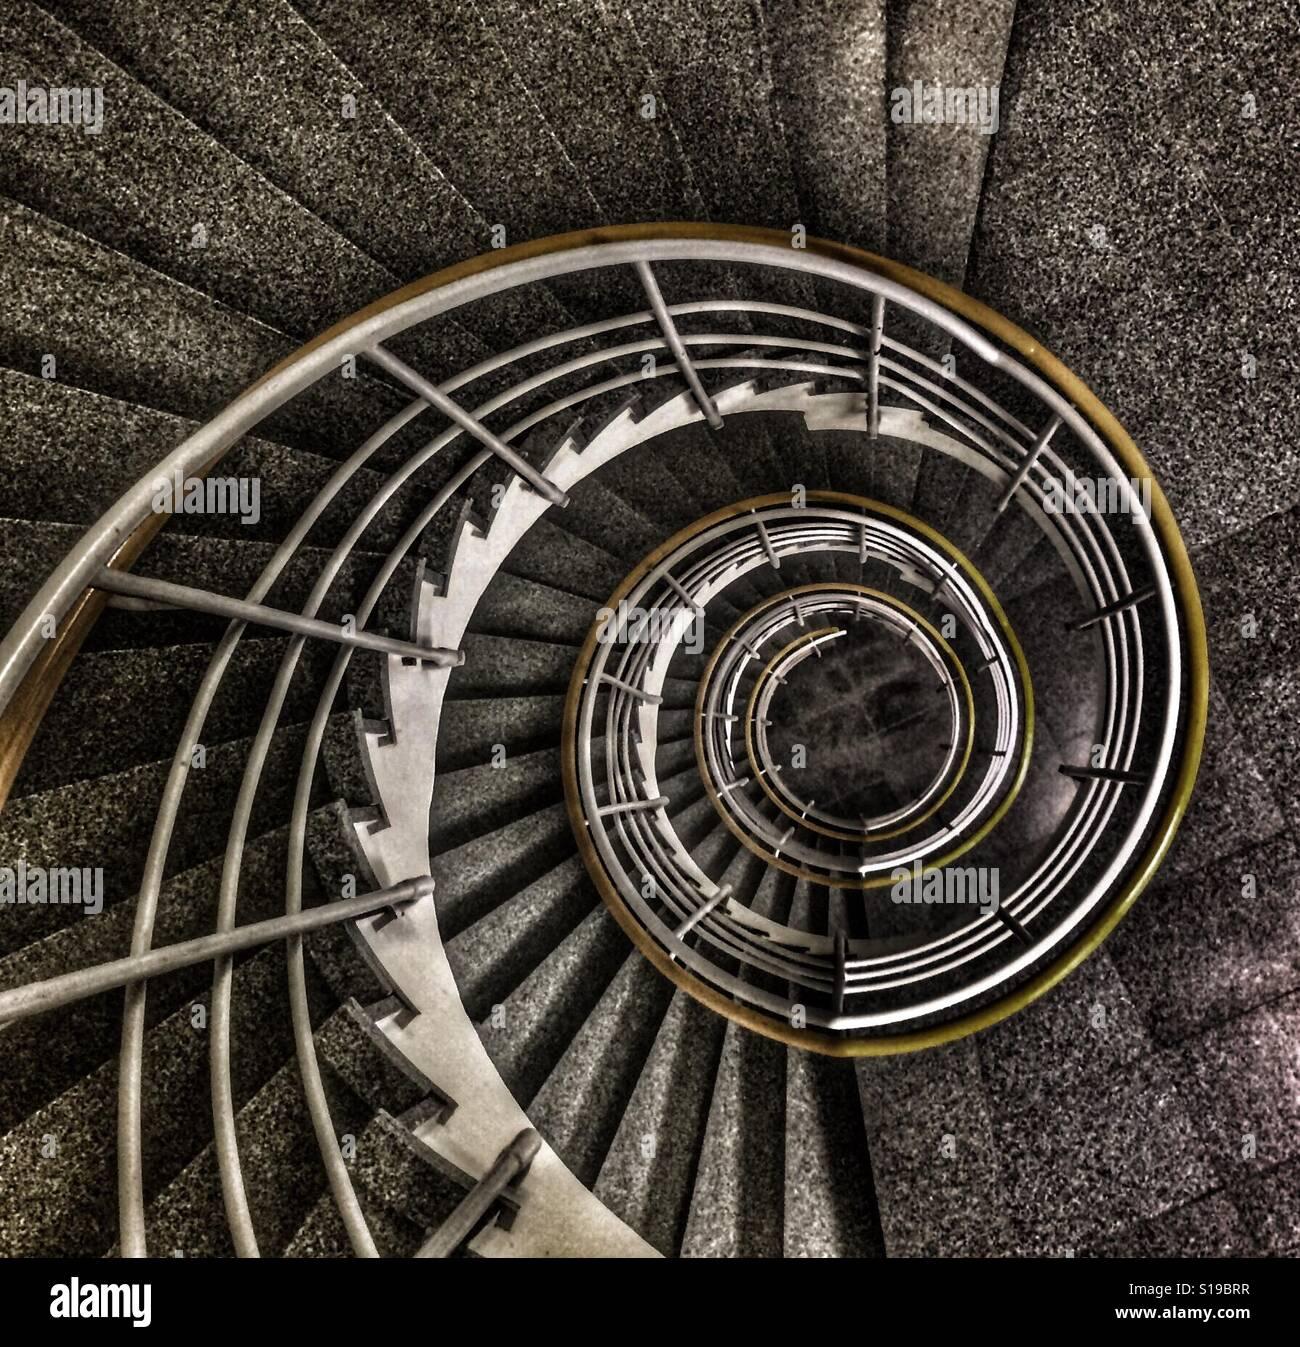 Dans l'escalier, Suède. Sätra Banque D'Images